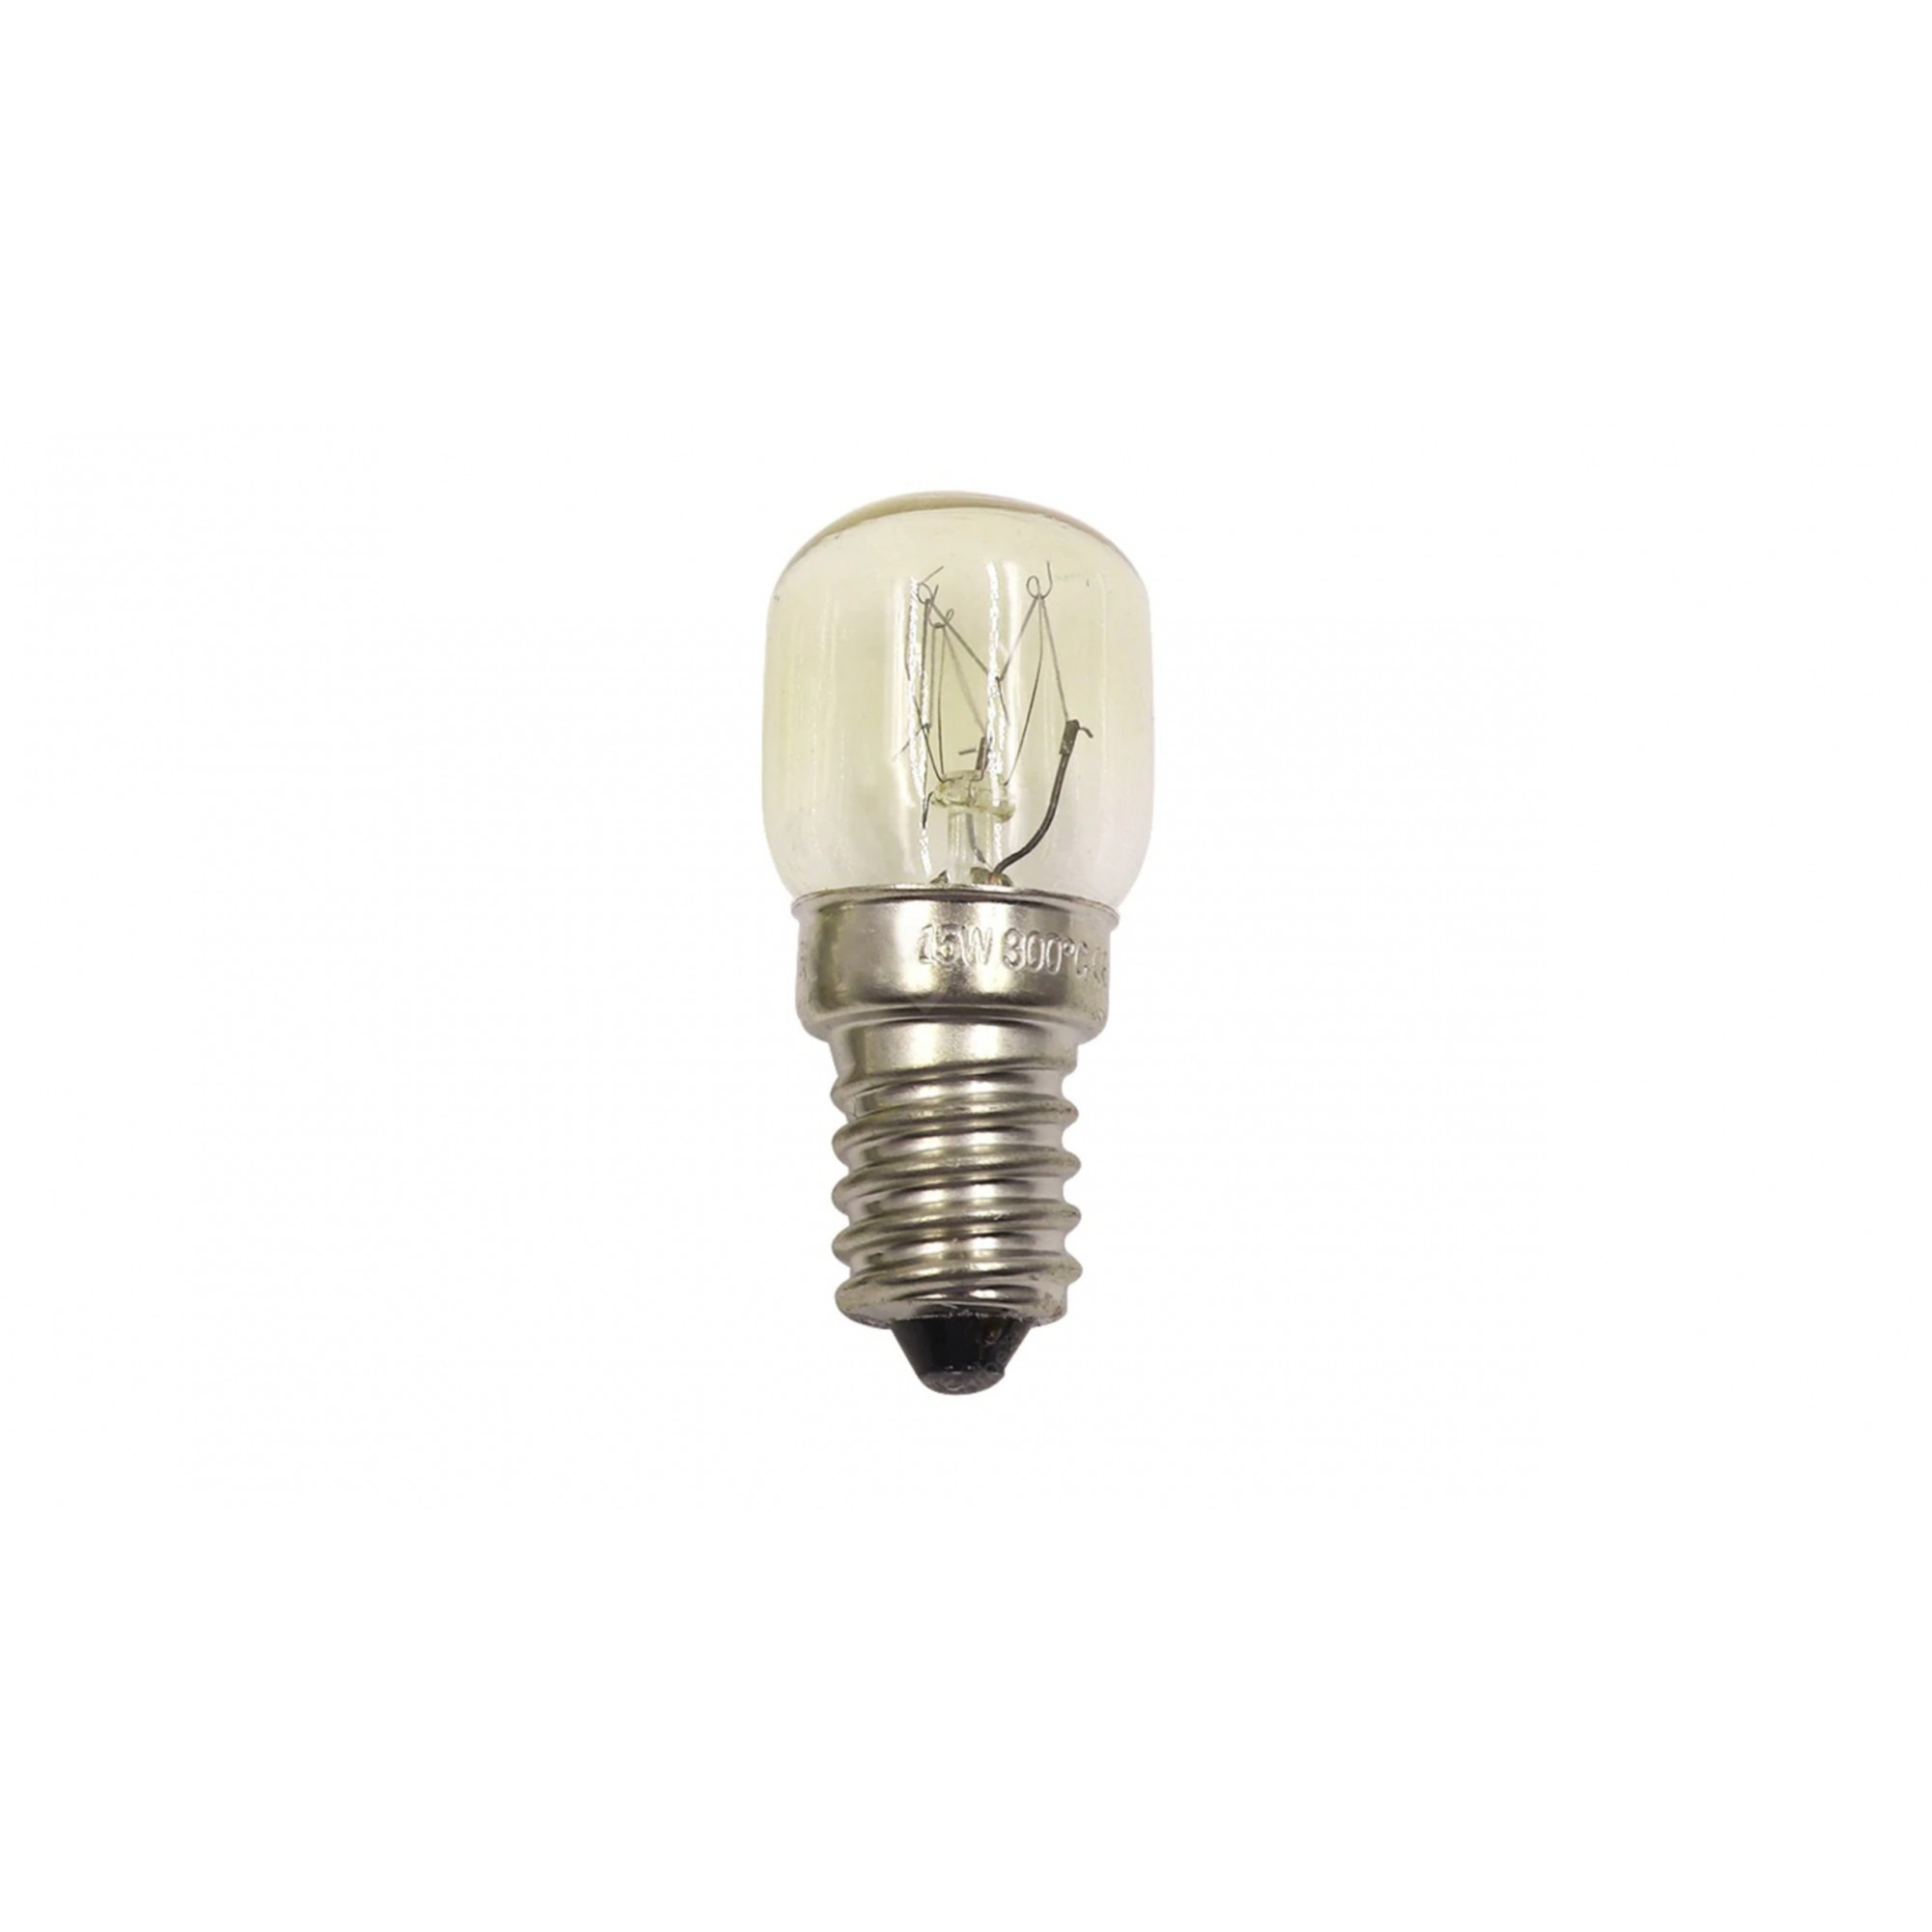 LAMPADA FORNO FISCHER E14 127V 15W